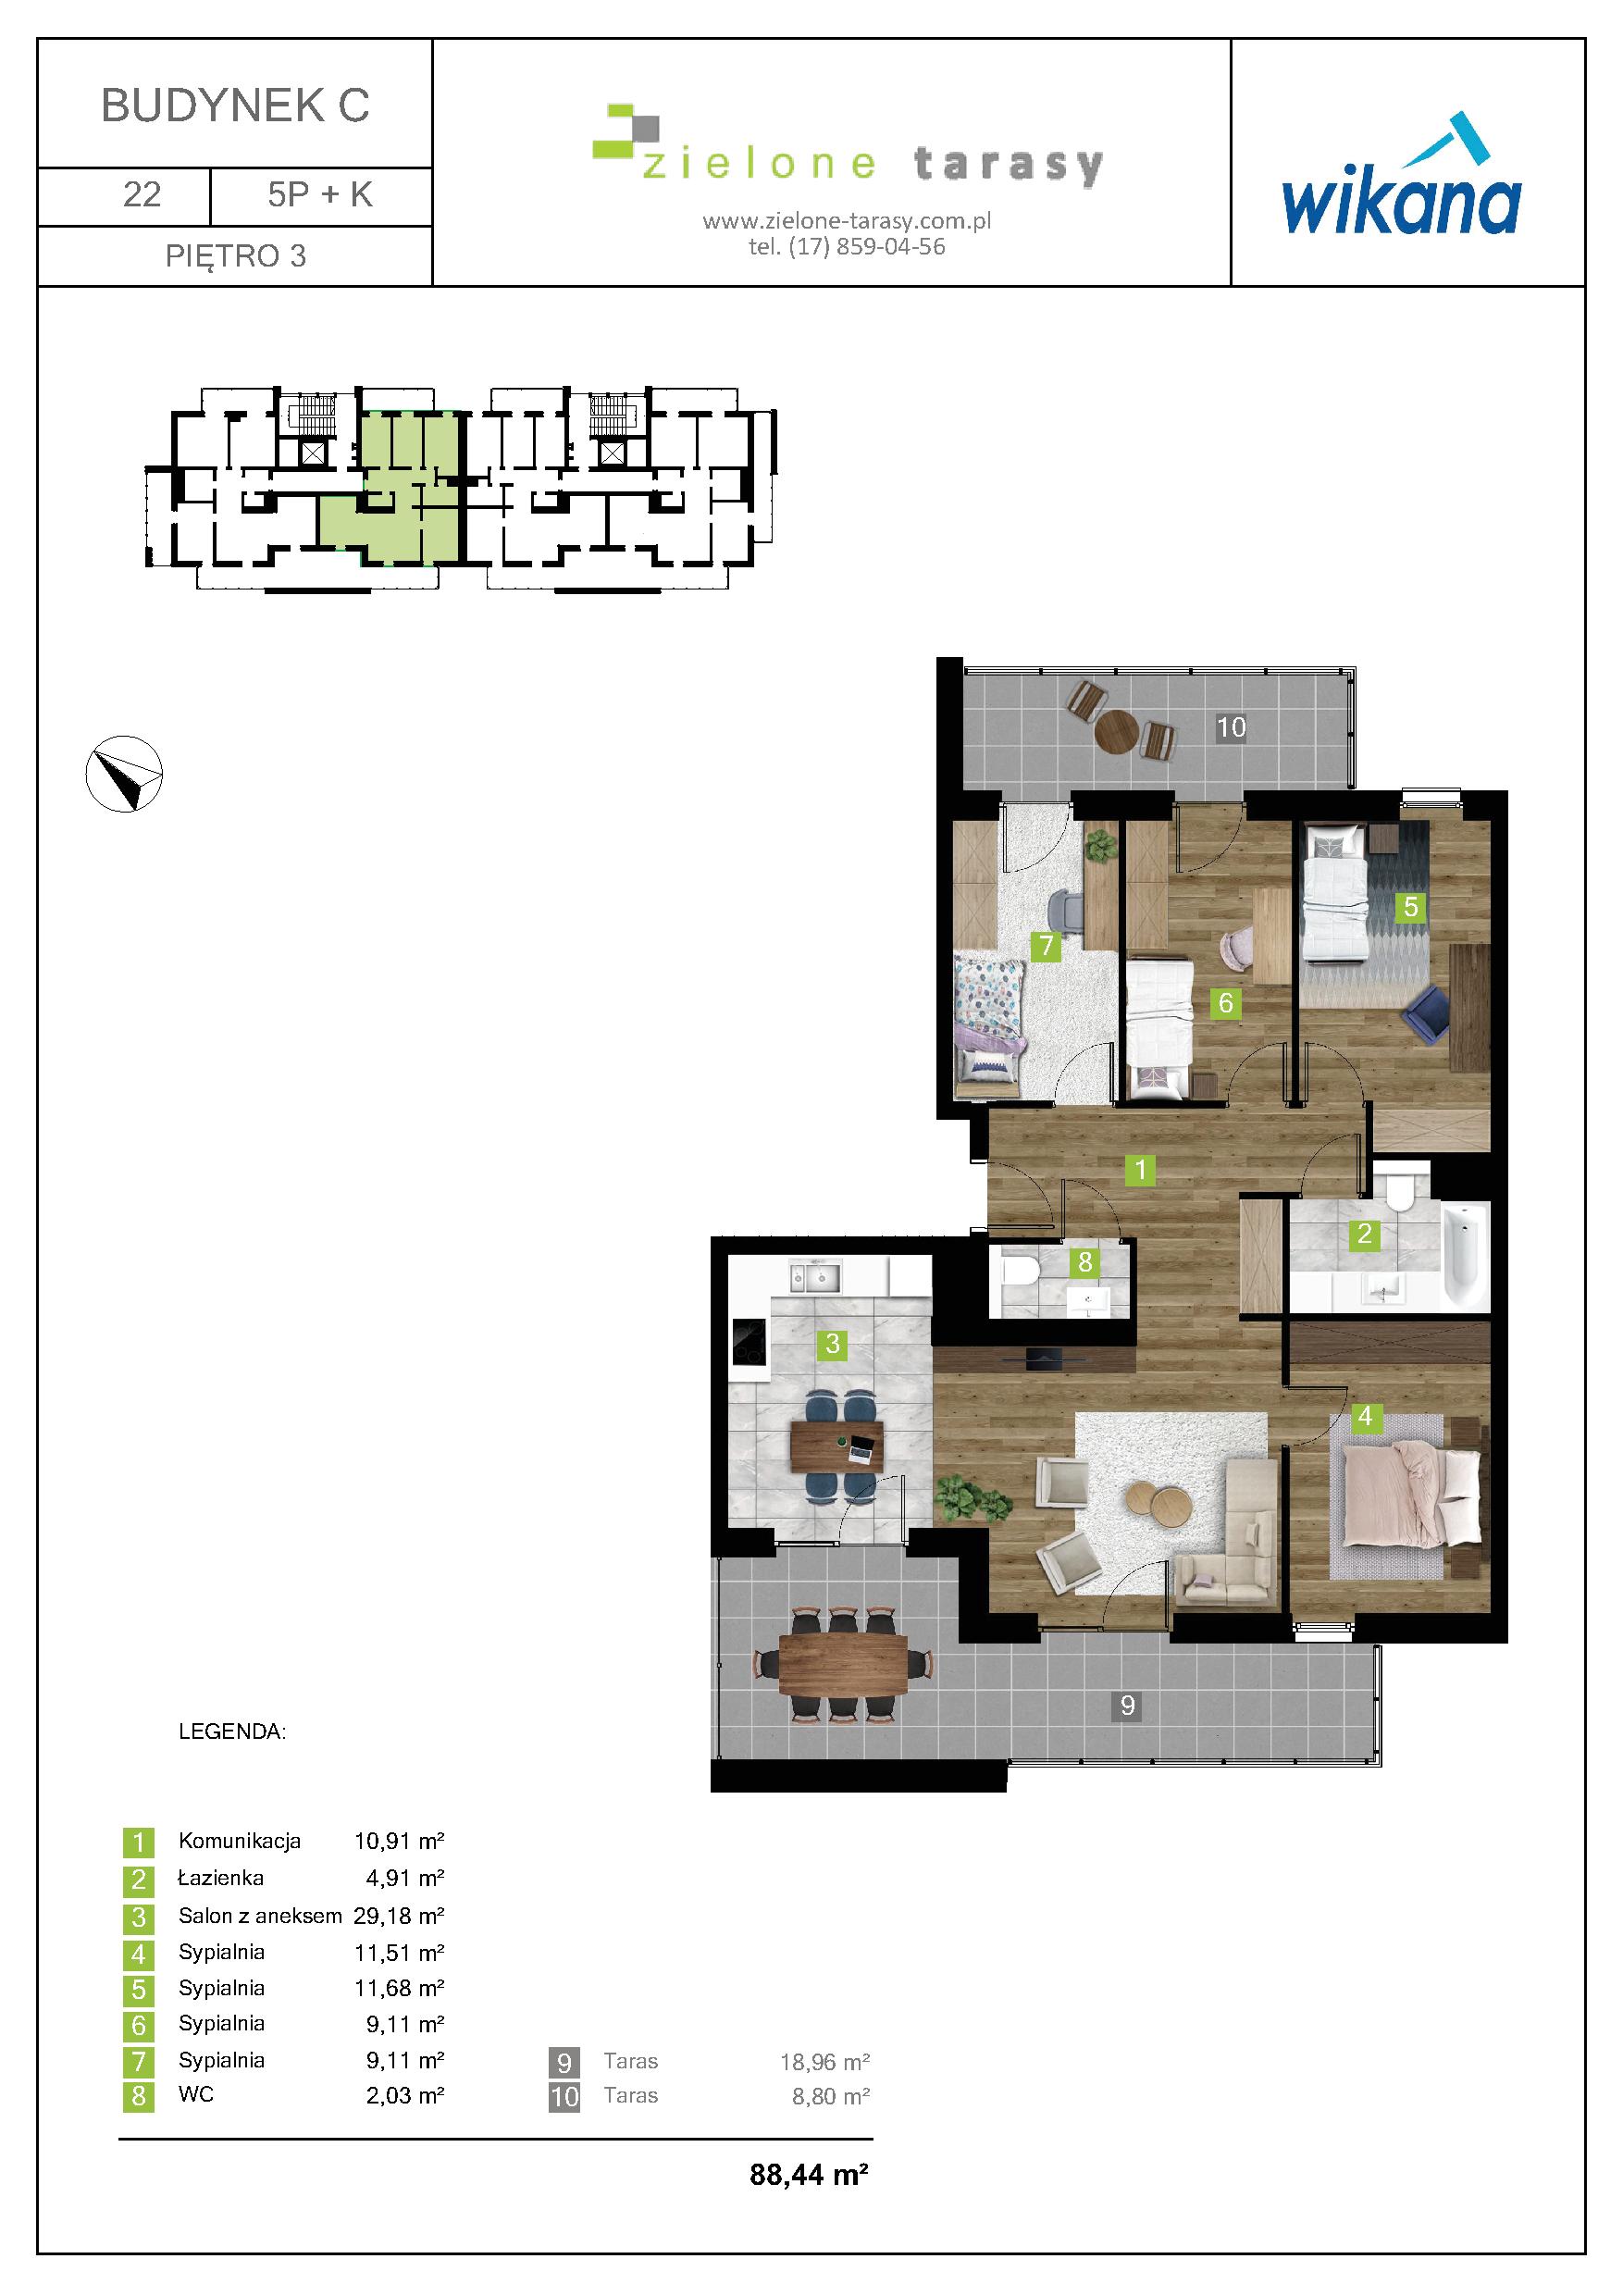 sprzedaż mieszkań rzeszów - C-22